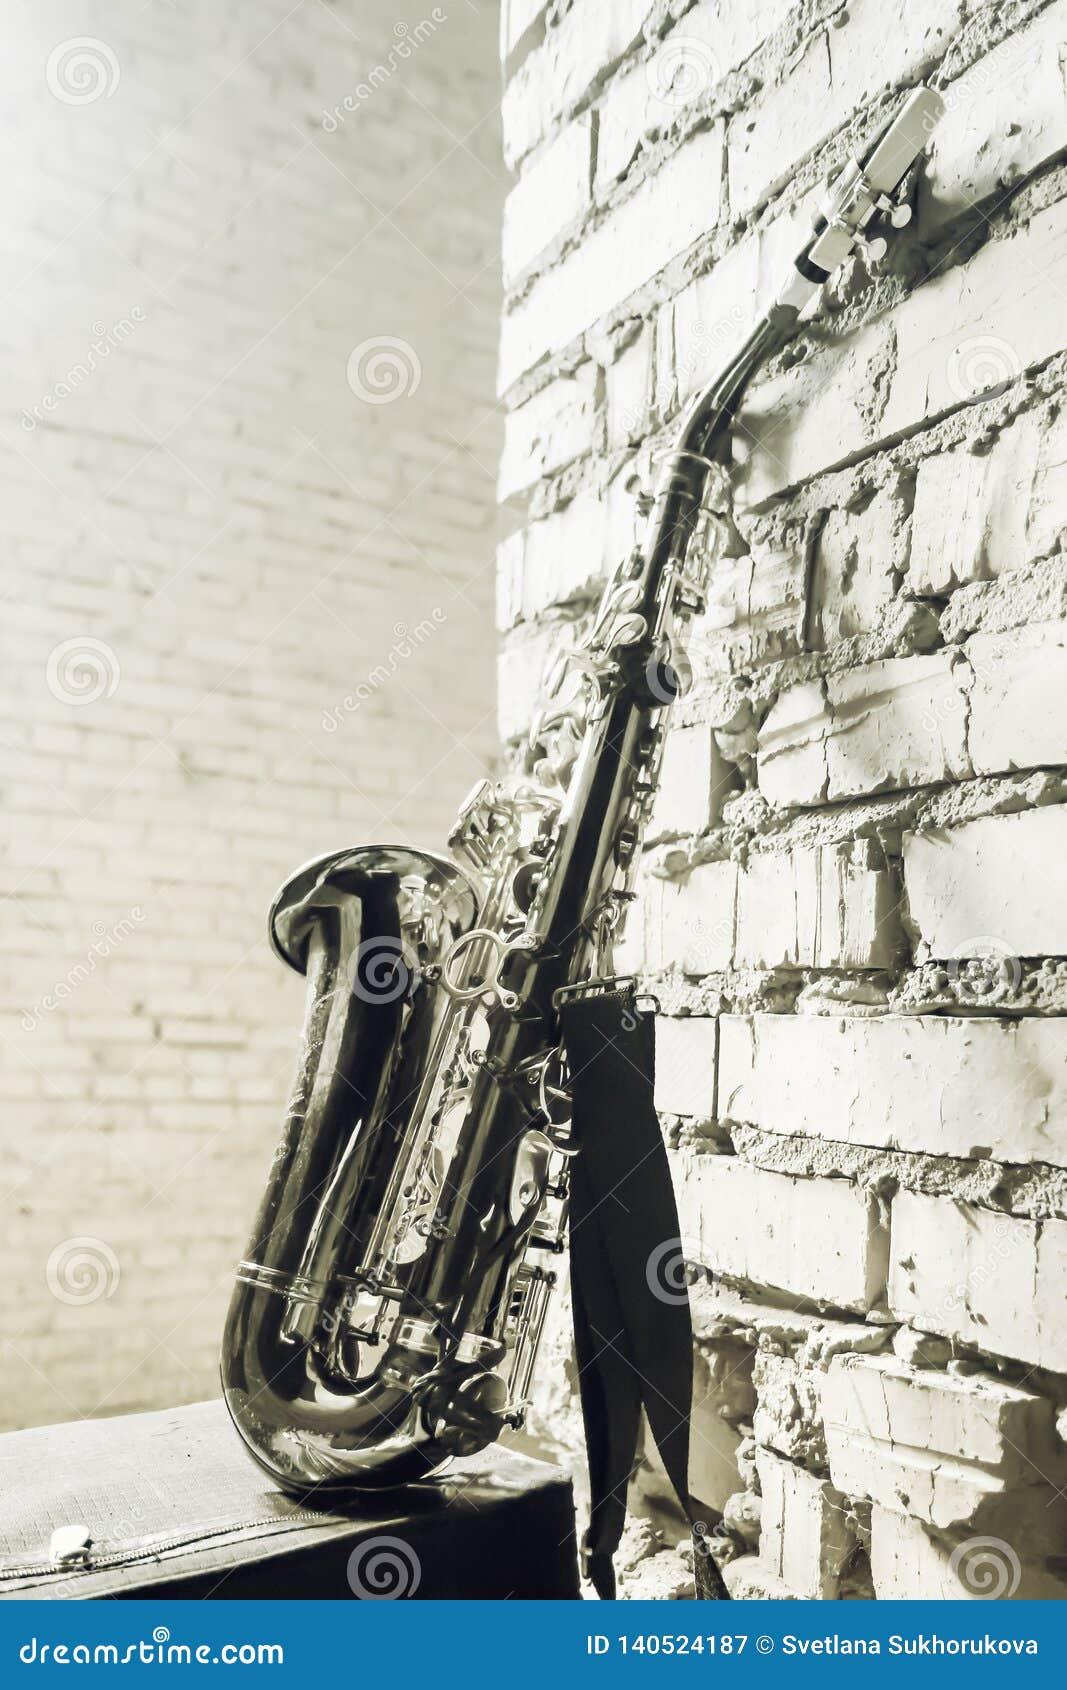 Saxofon på bakgrunden för tegelstenvägg - tappning tonad bild